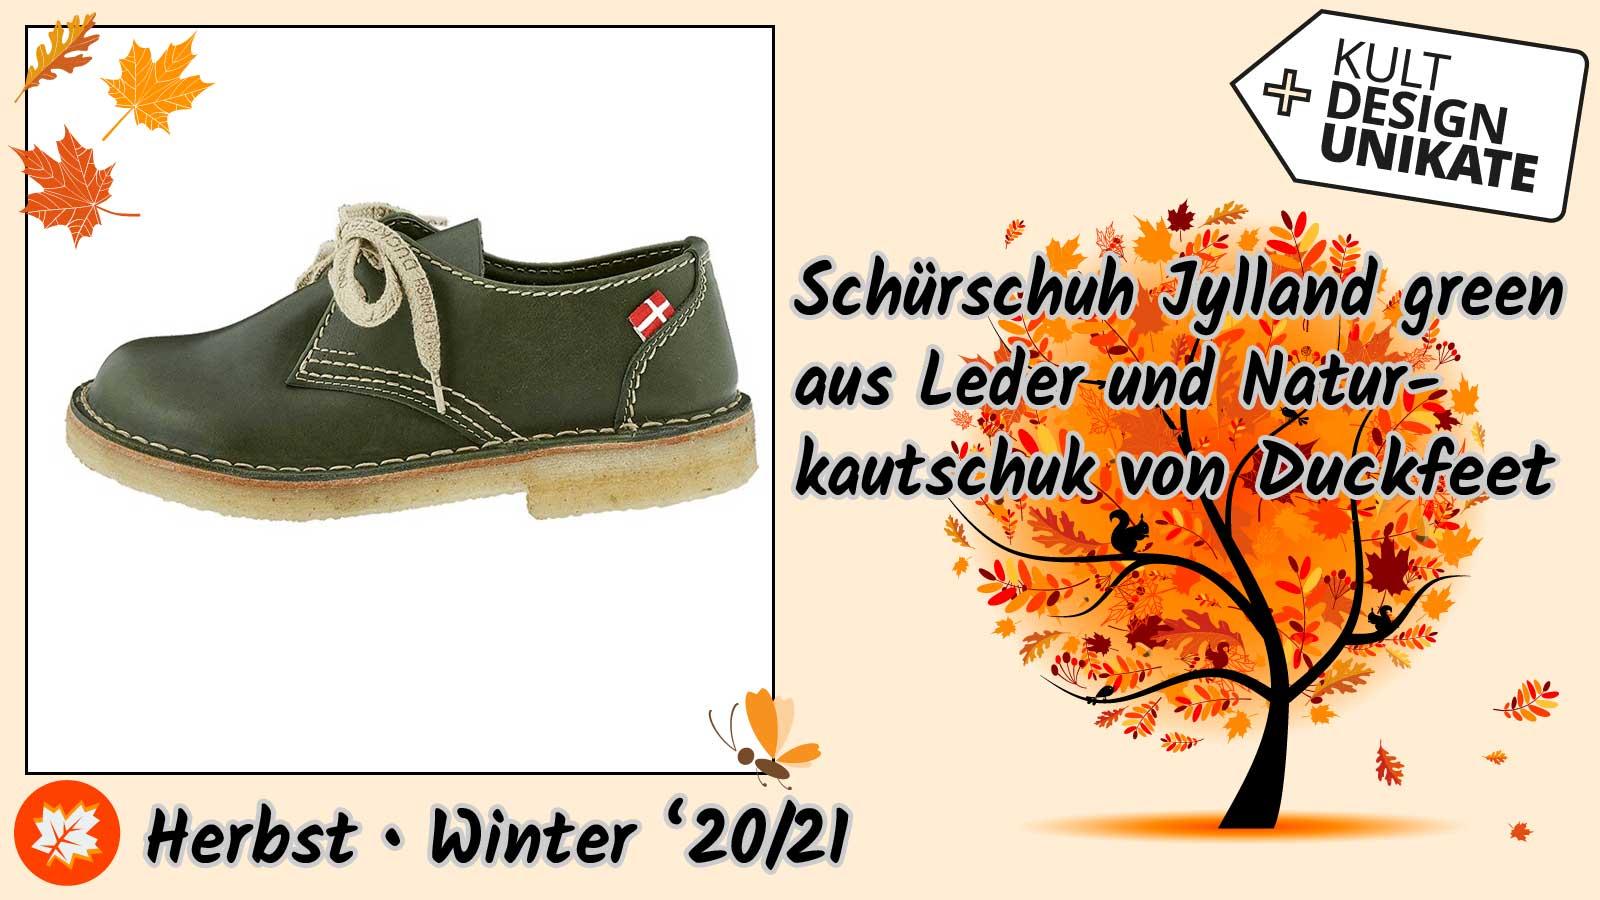 Duckfeet-Schuerschuh-Jylland-green